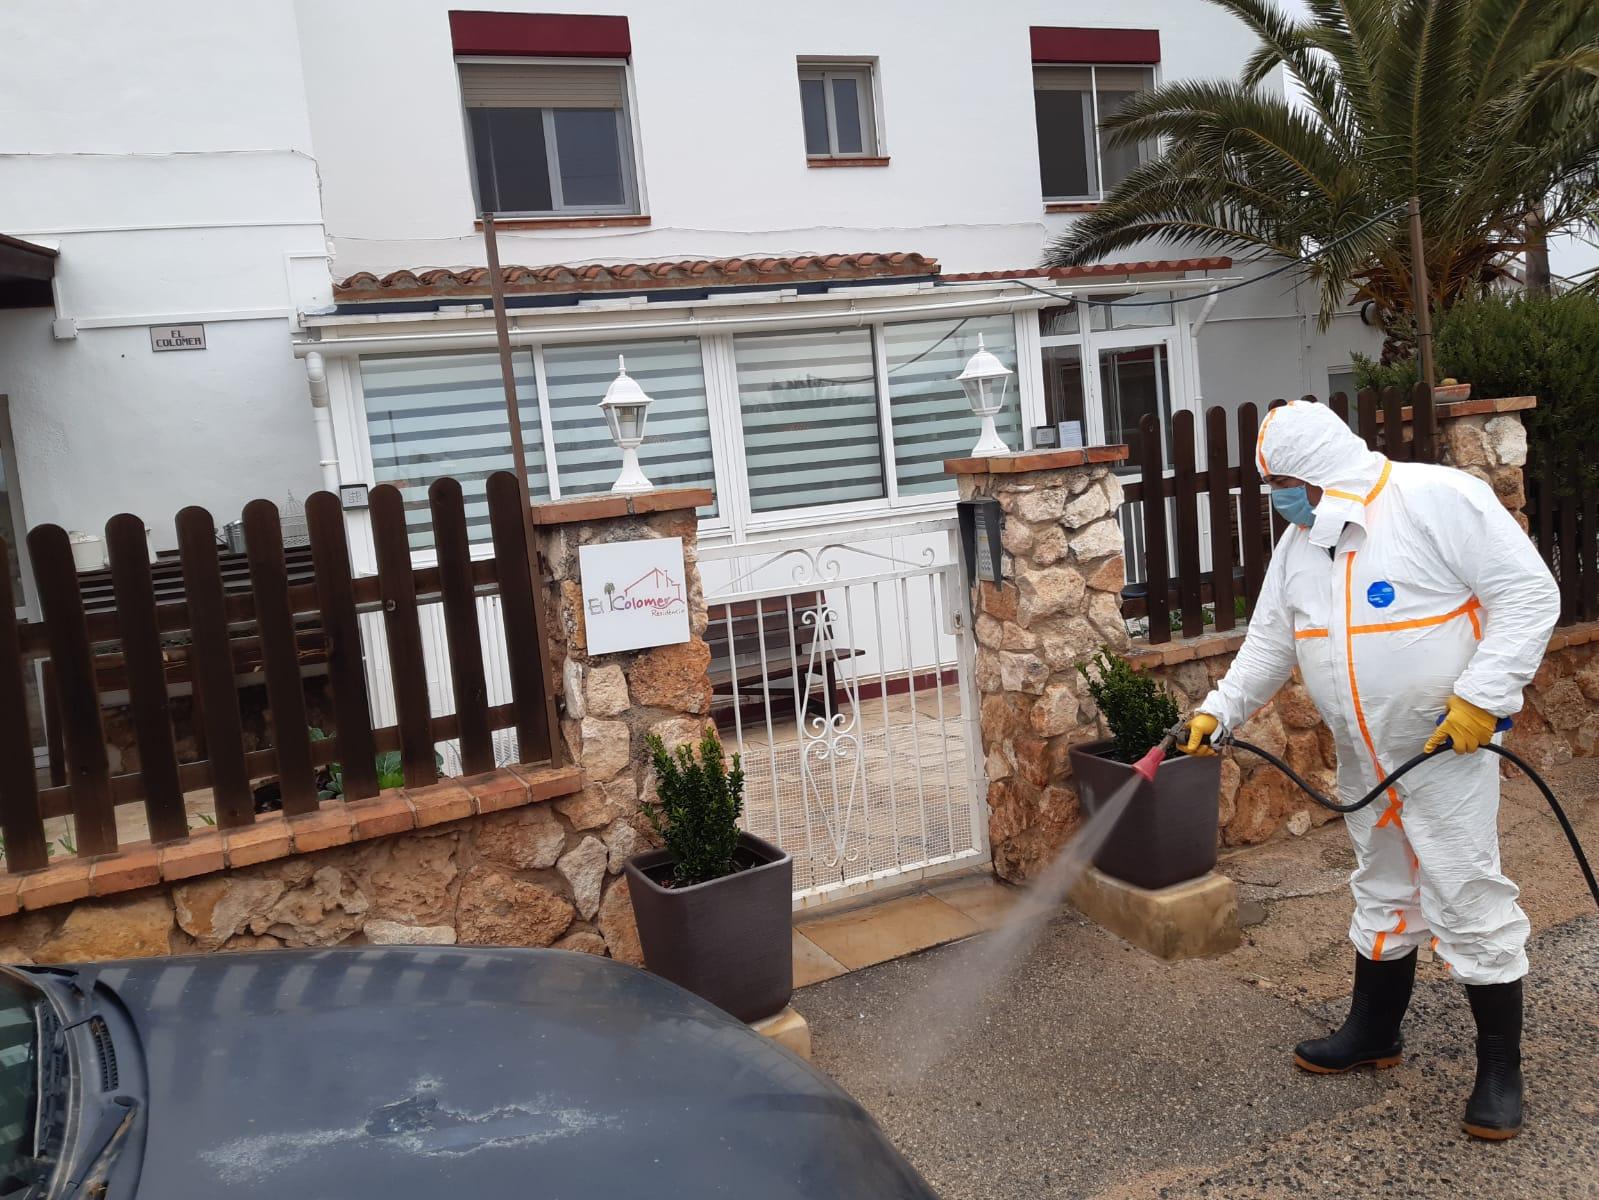 Continuen els treballs de desinfecció de carrers i zones del municipi amb més afluència de persones